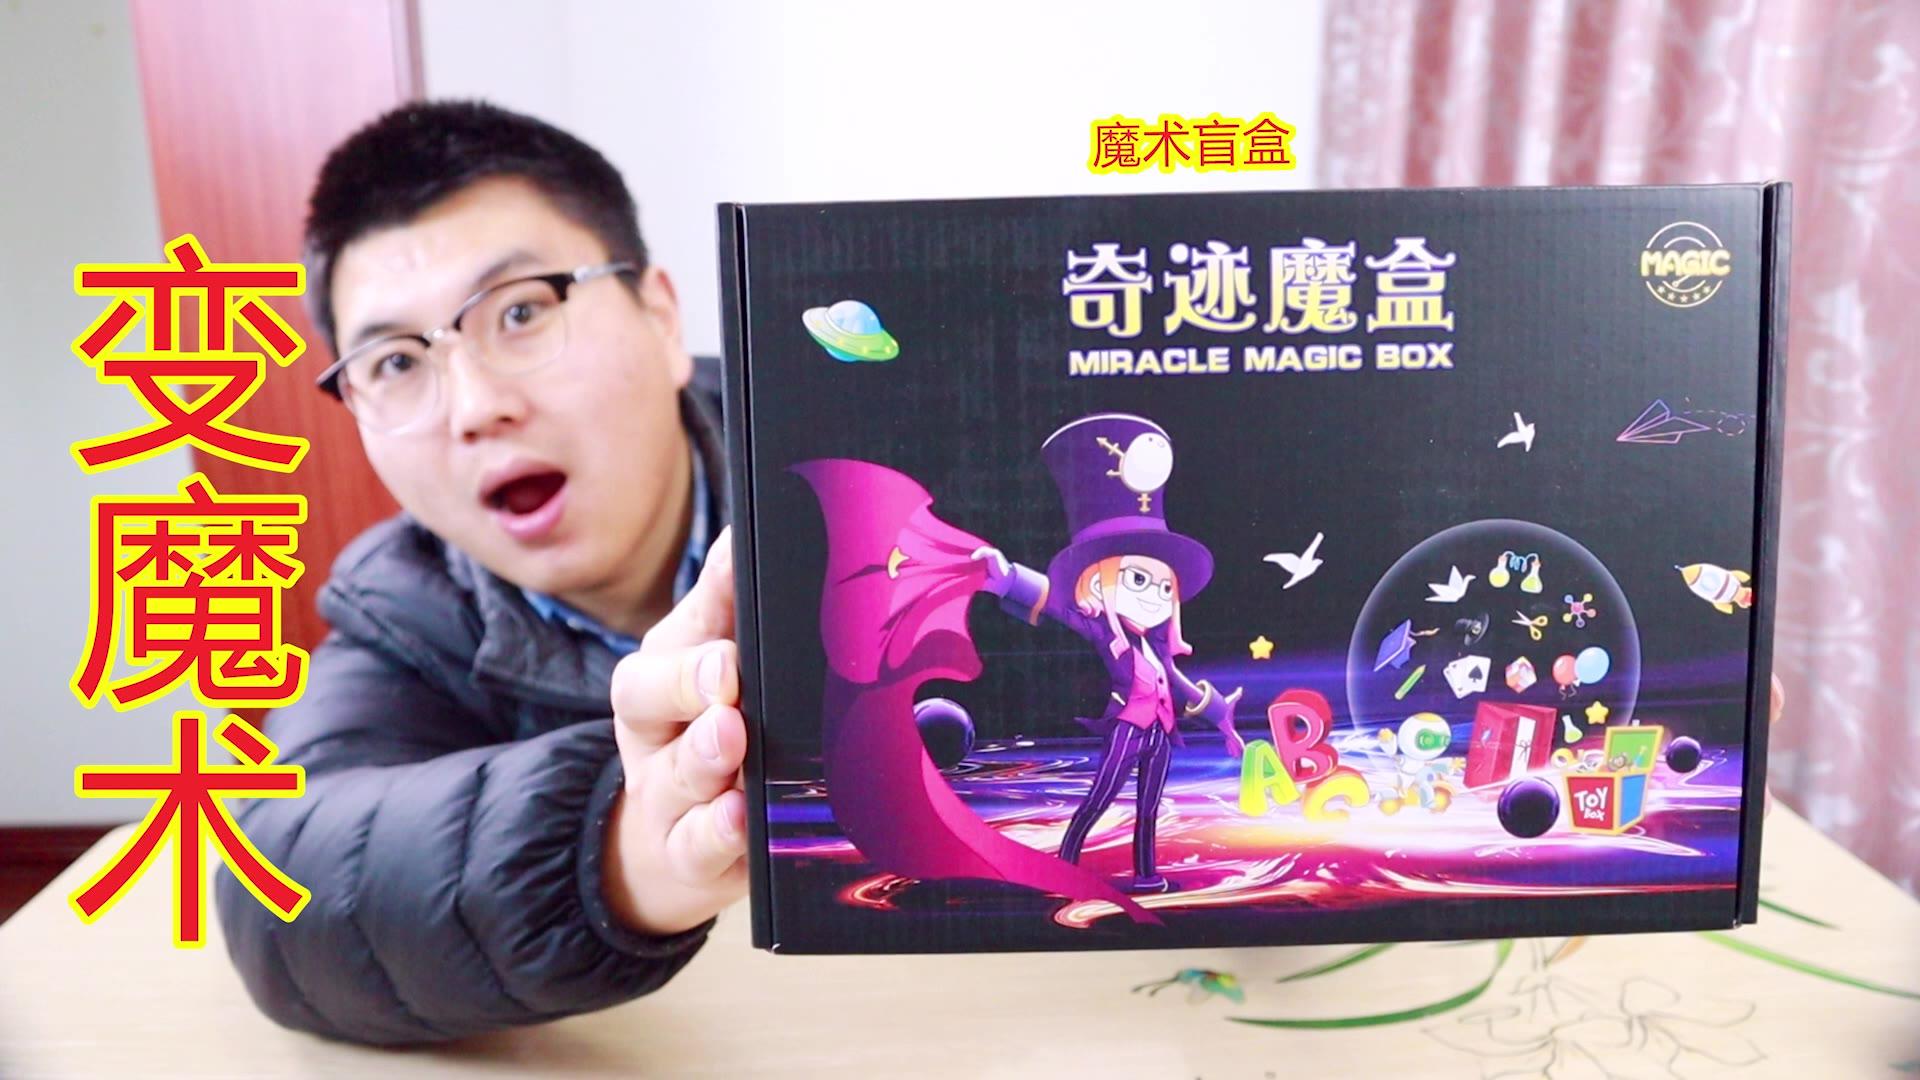 魔术盲盒开箱,教大家变魔术啦!你见过这种盲盒吗?